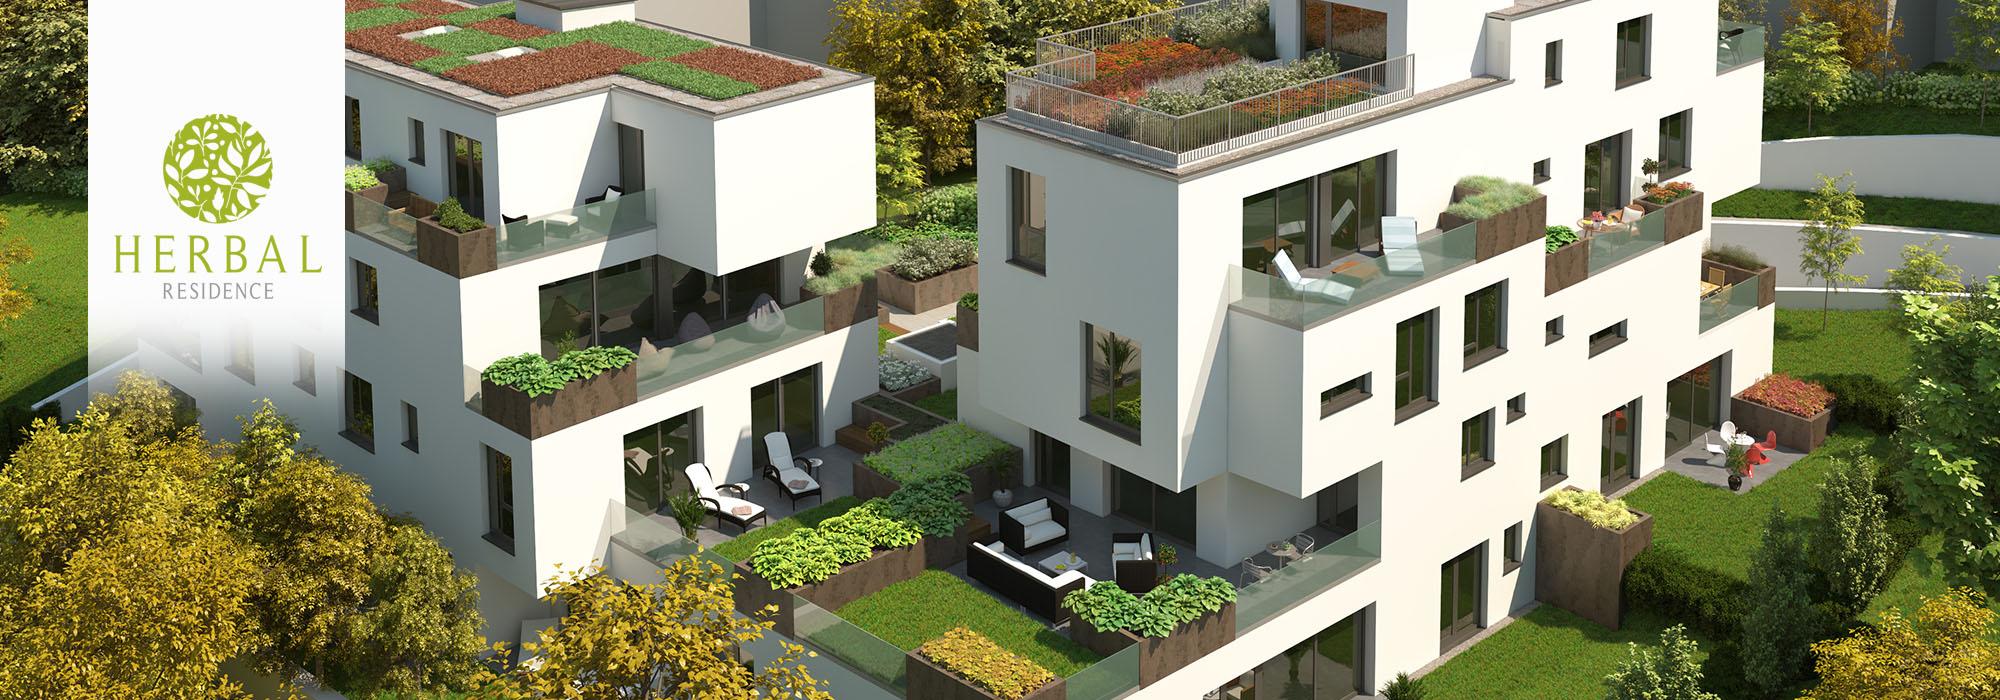 herbal-residence-2-utem-01